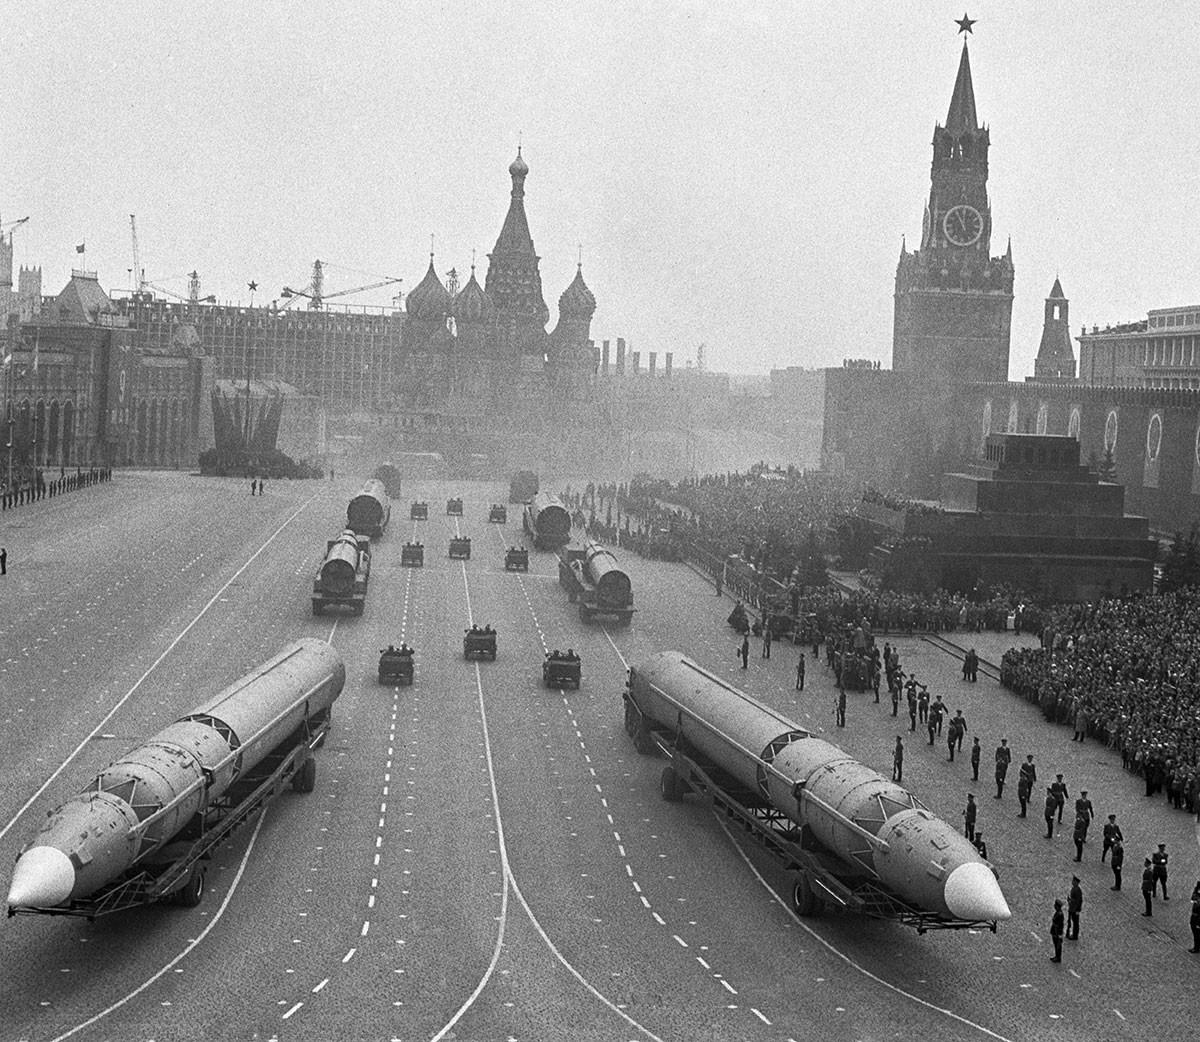 Missili balistici intercontinentali GR-1 nella parata organizzata per il 20° anniversario della Vittoria nella Grande guerra patriottica. Mosca, 9 maggio 1965